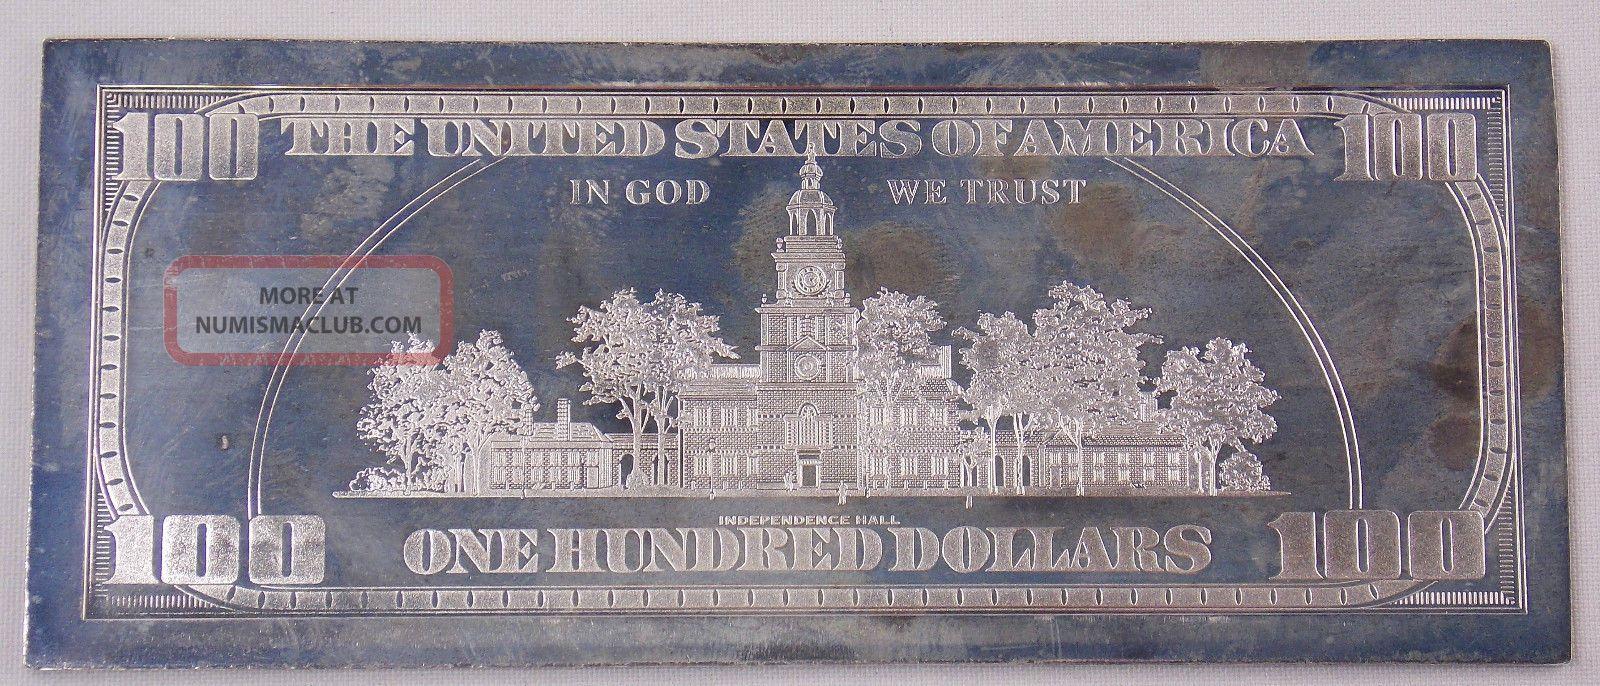 2000 100 Dollar Bill 4 Oz 999 Fine Silver Proof Bar